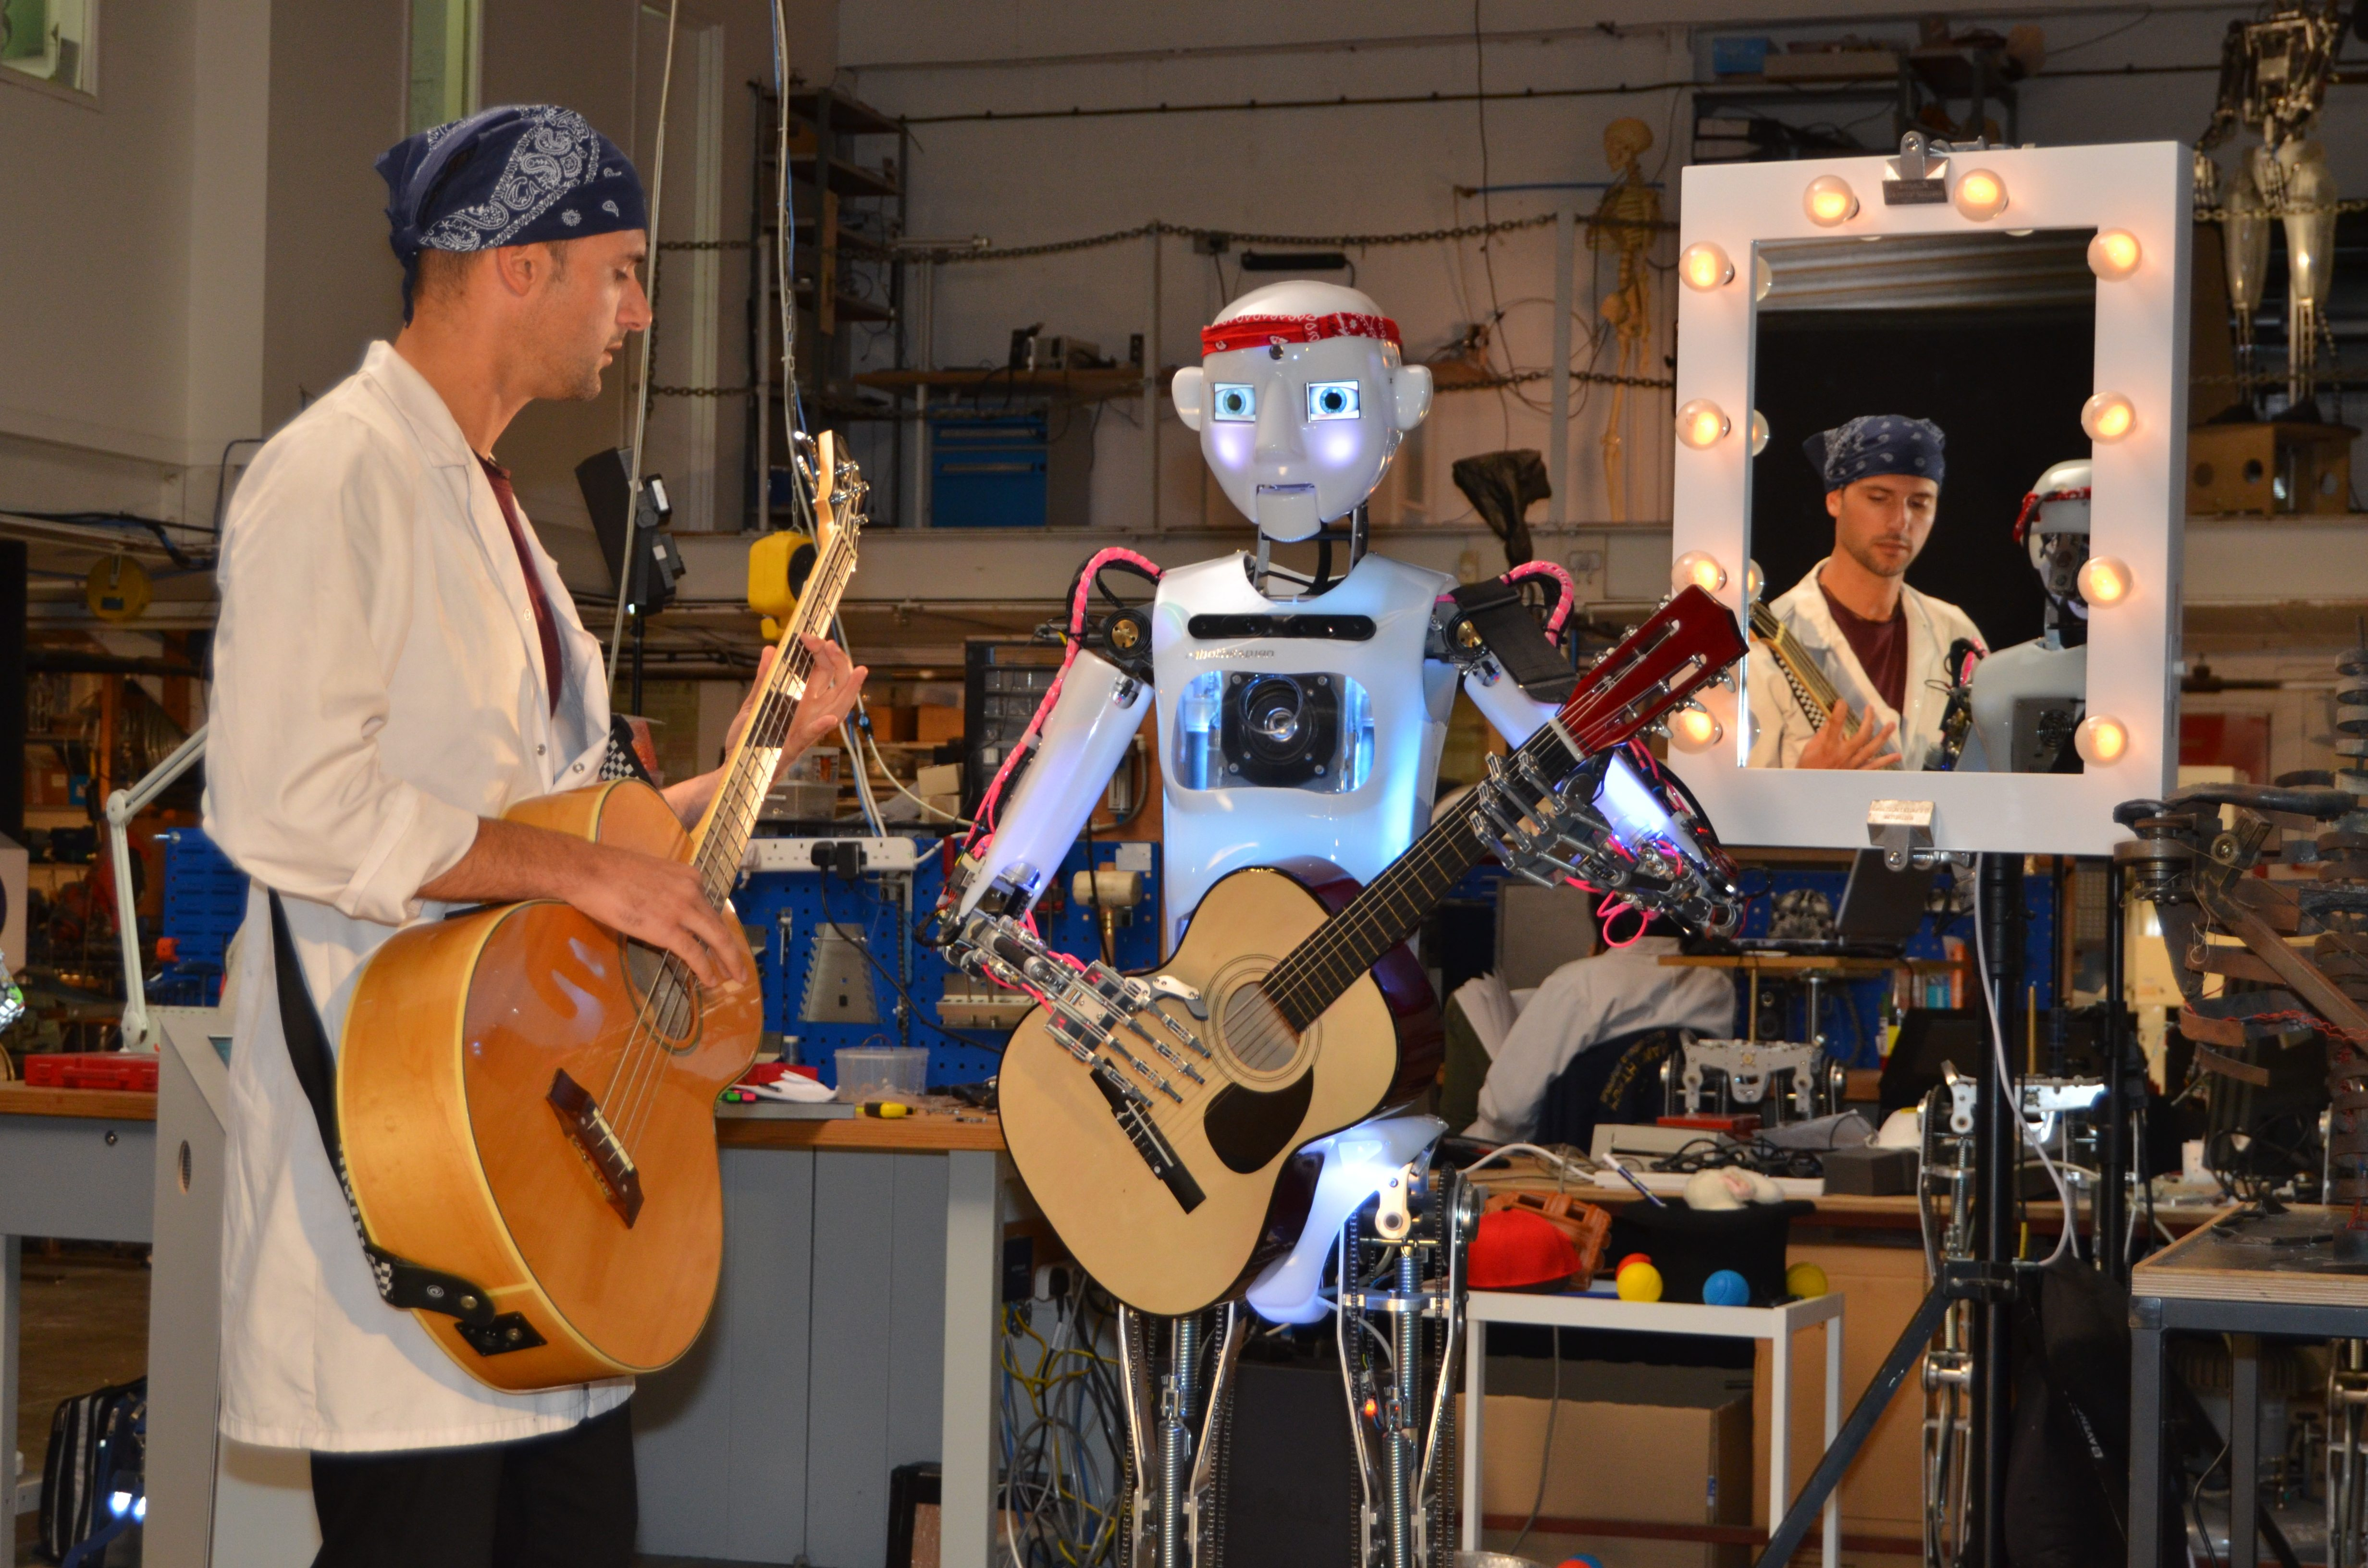 RoboThespian from Robots 3D